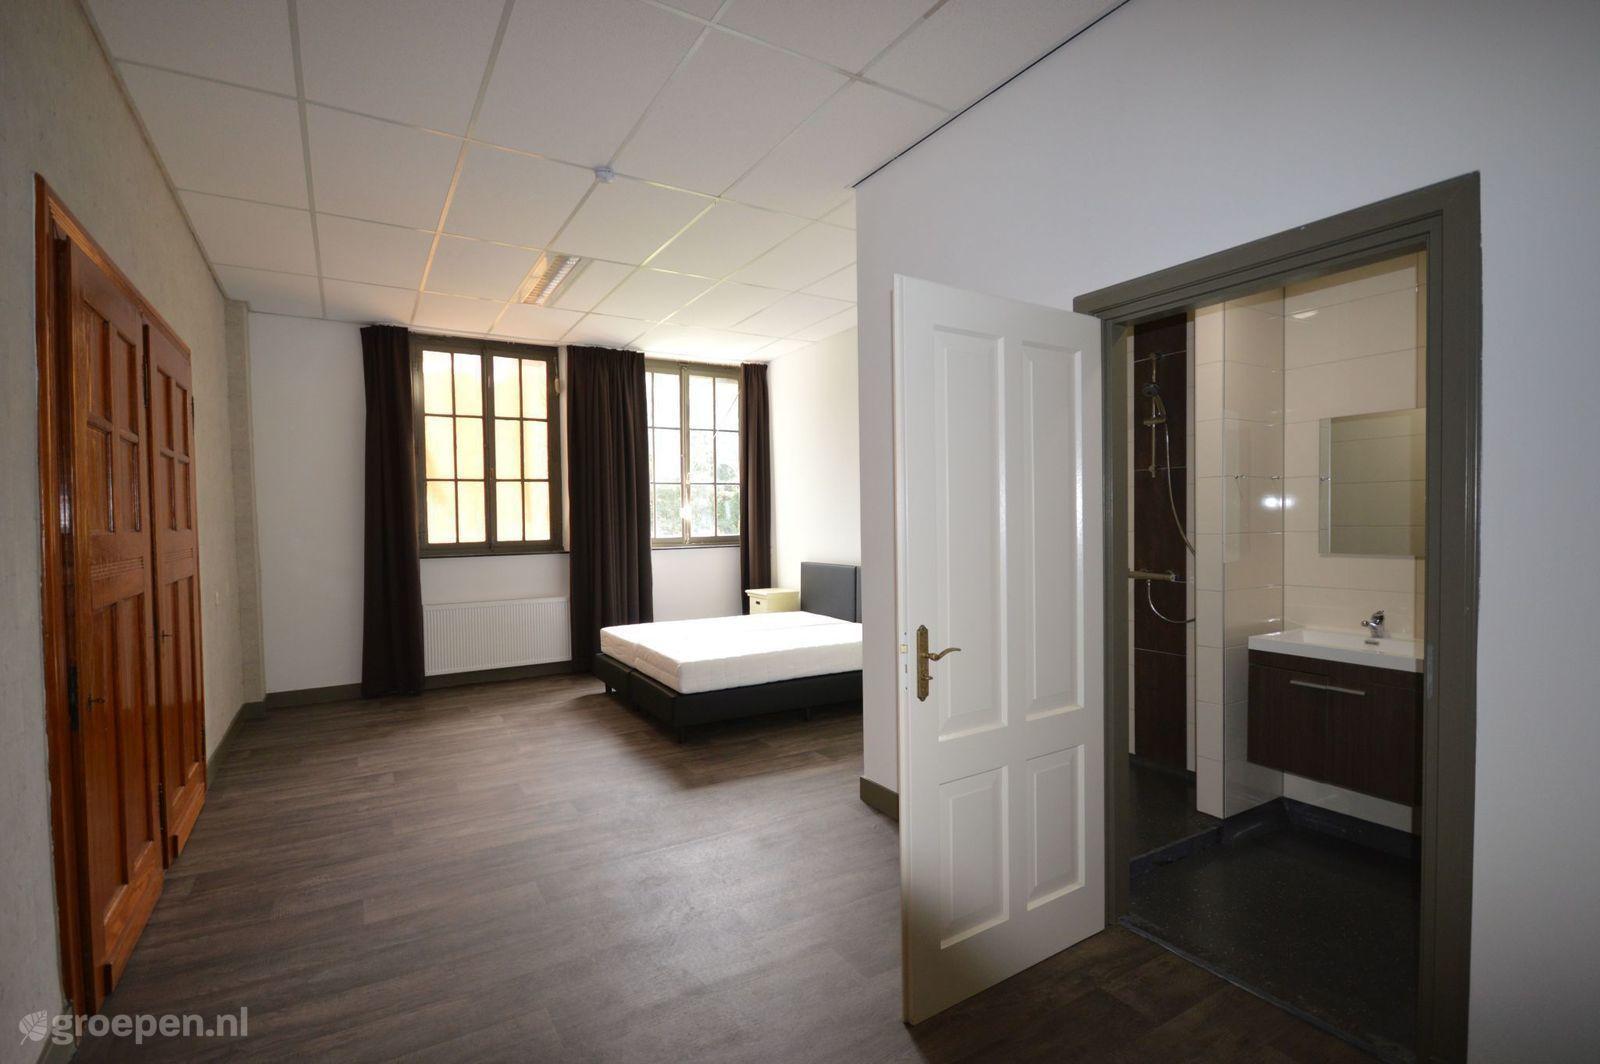 Group accommodation Slagharen